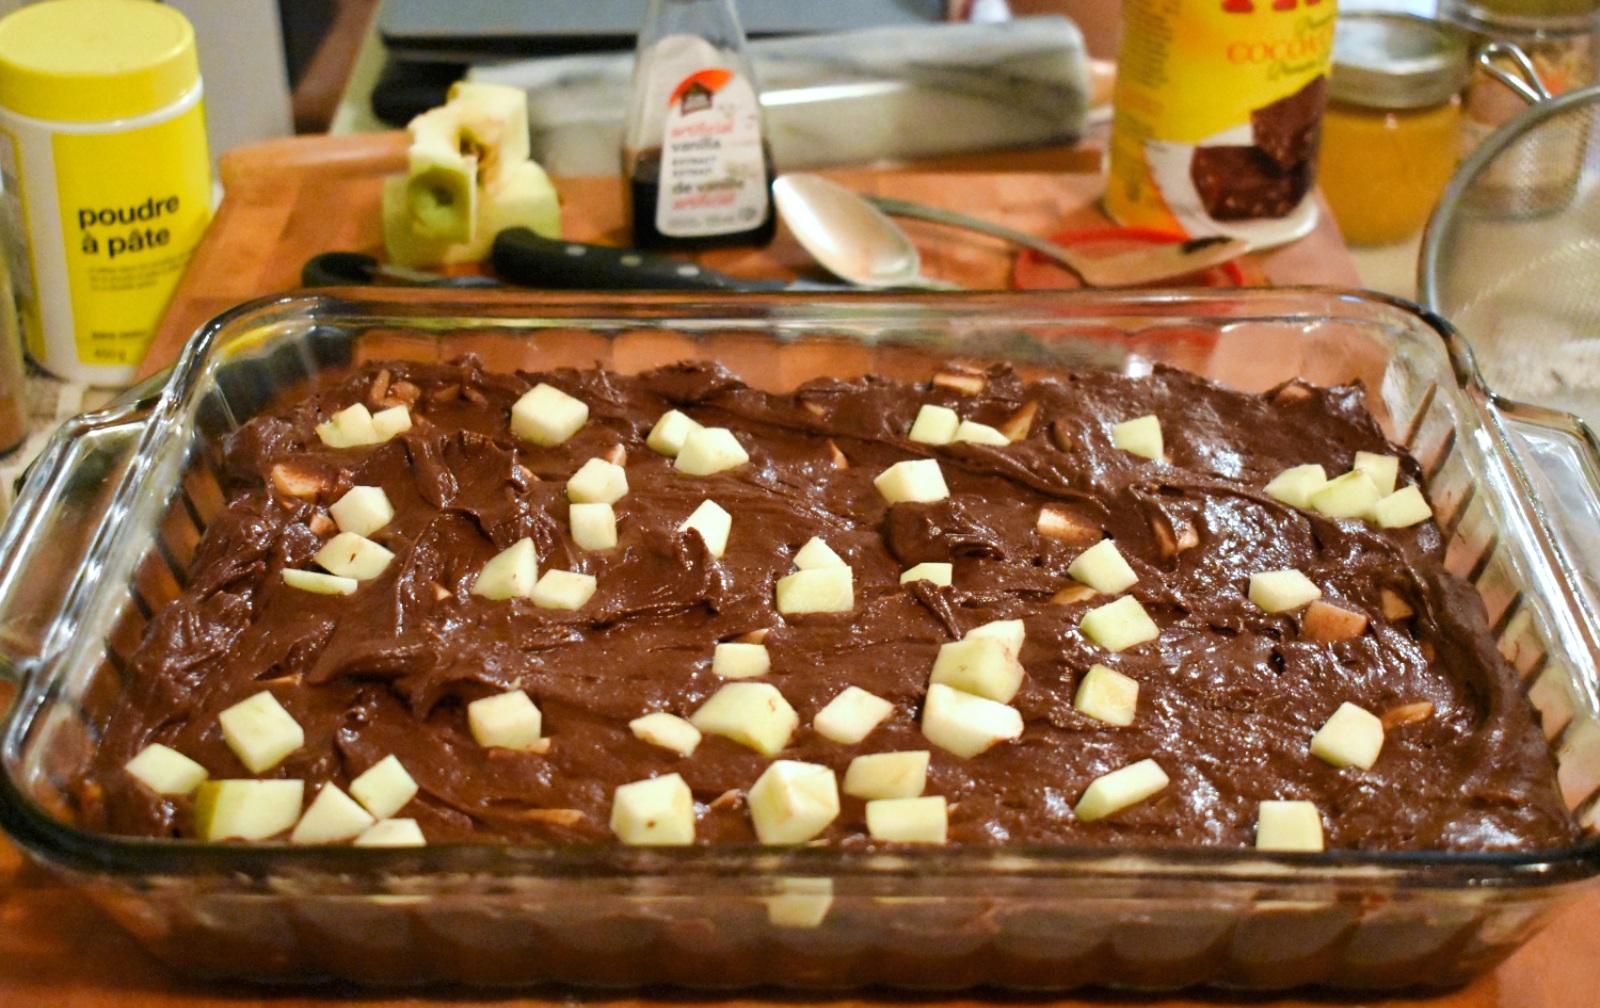 Brownies aux pommes - Auboutdelalangue.com (9)